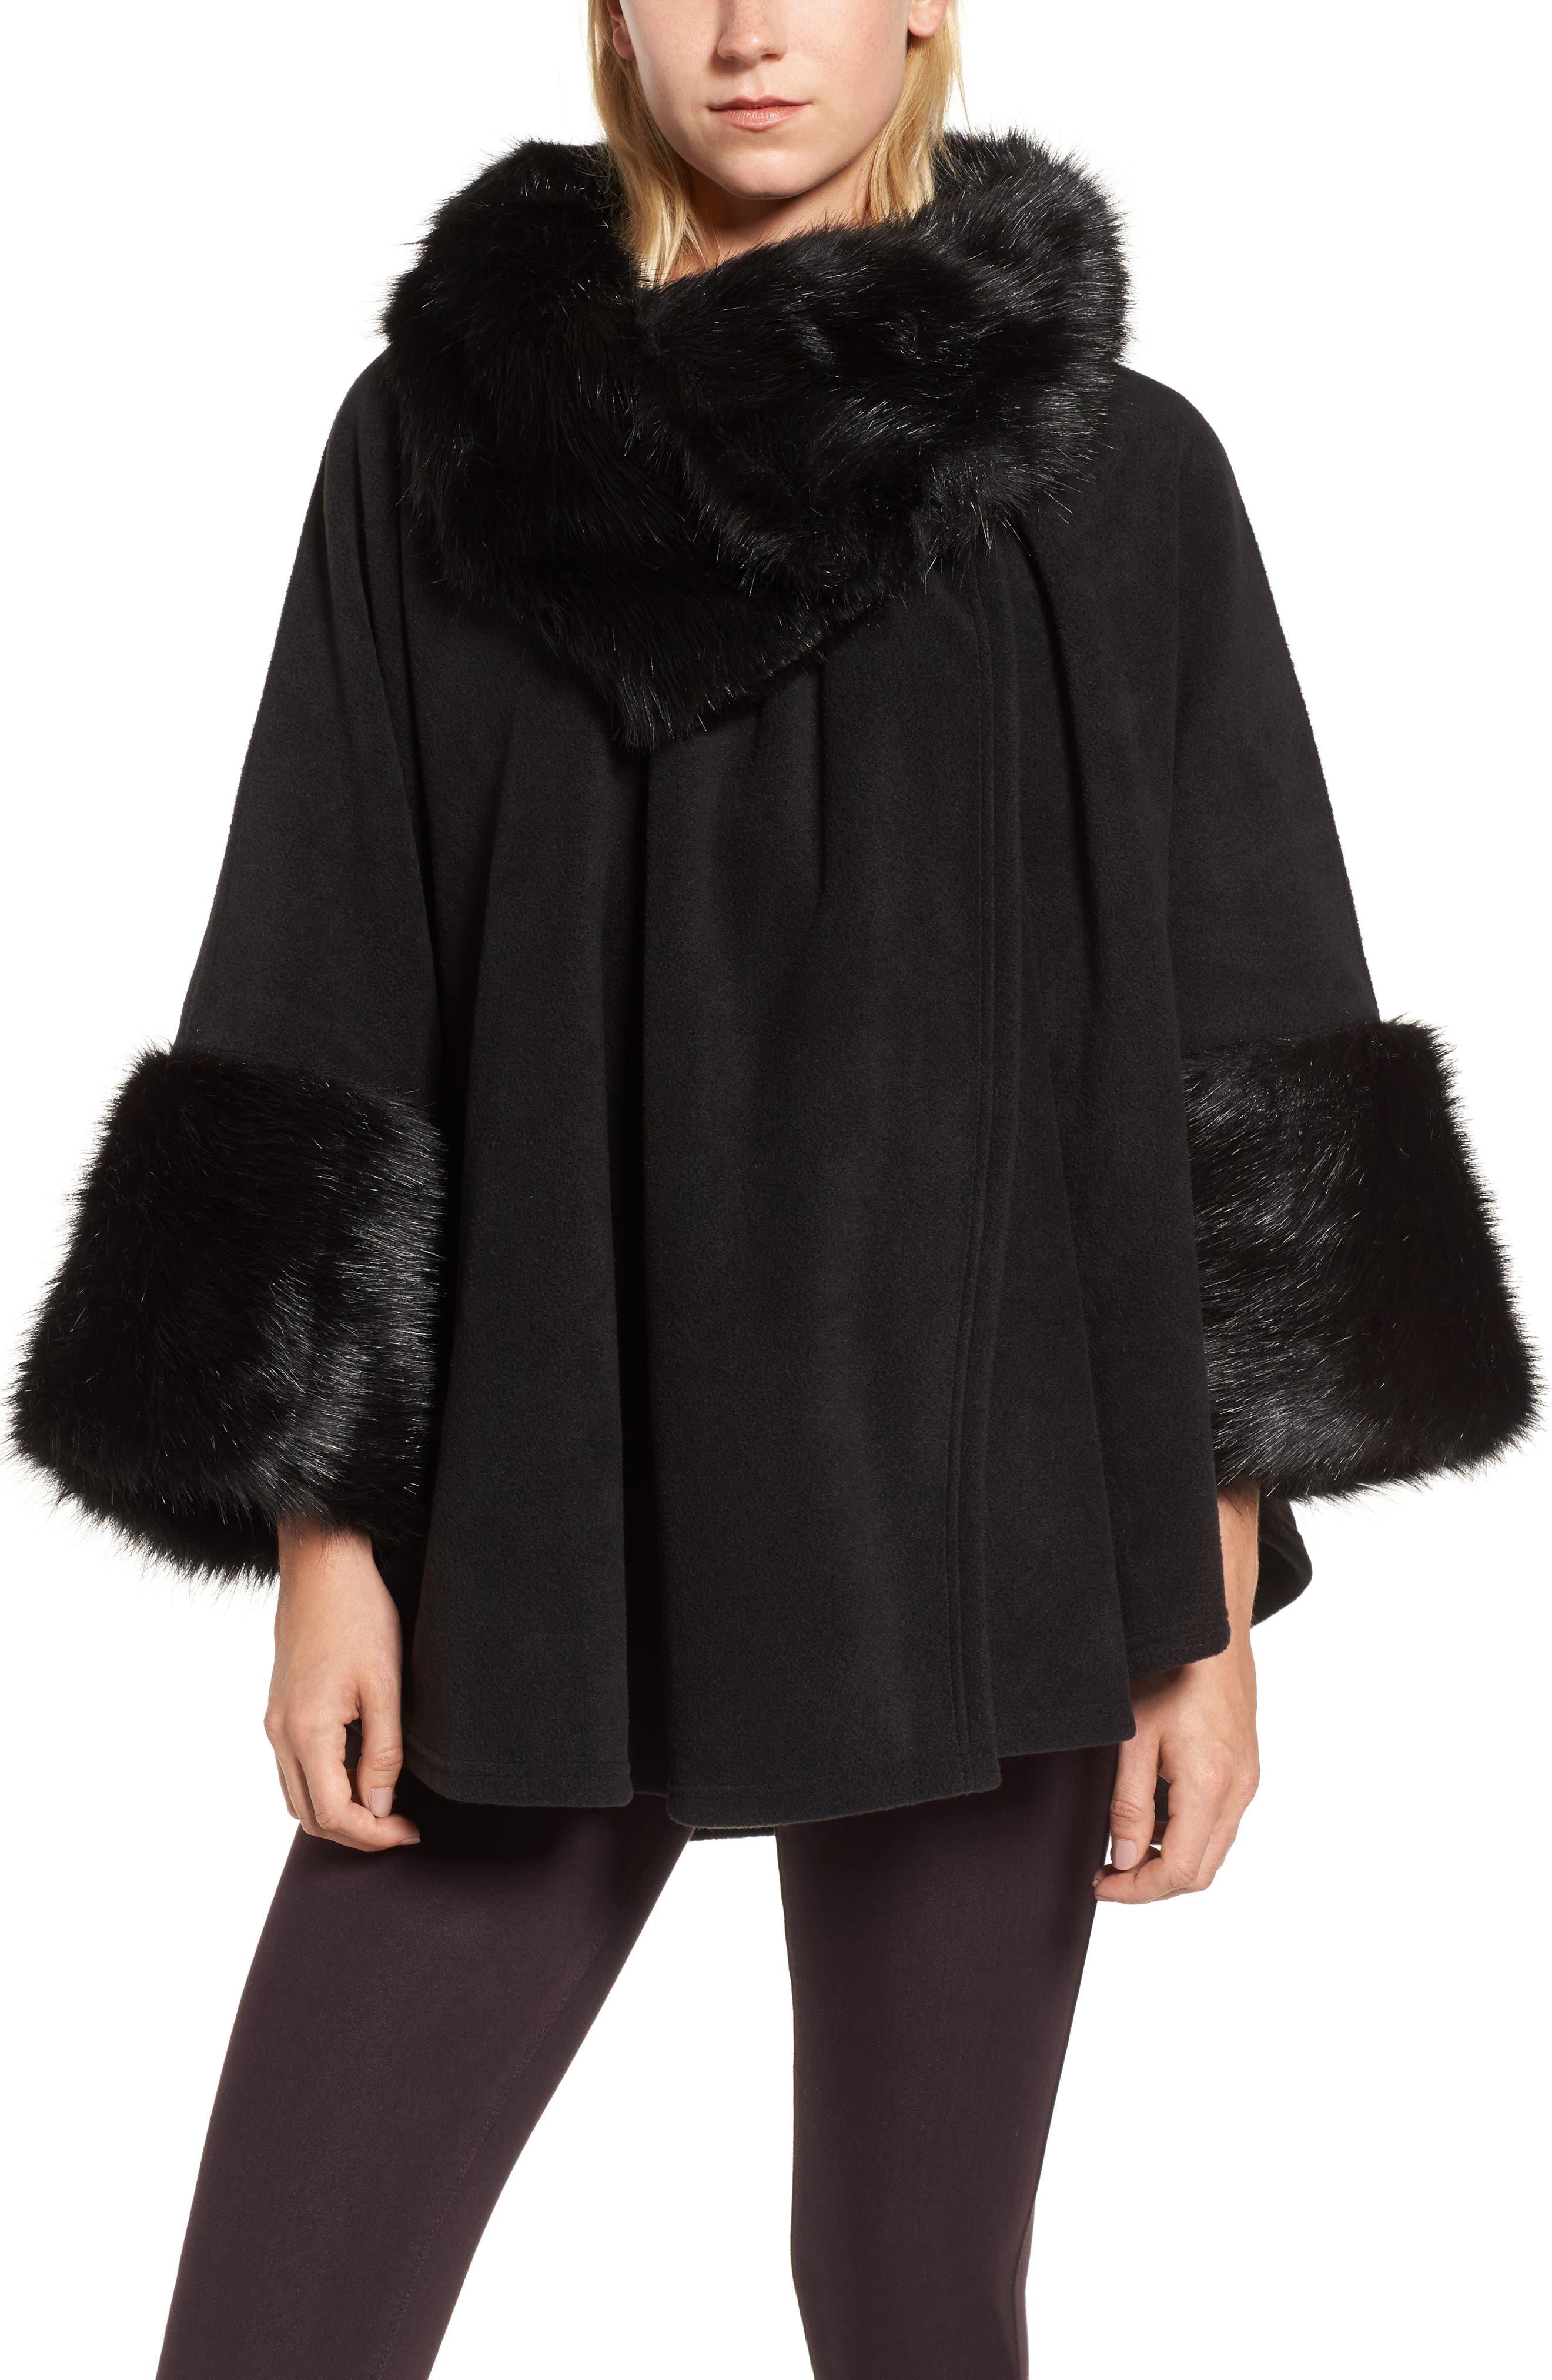 Chelsea Cape with Faux Fur Trim,                         Main,                         color, 001